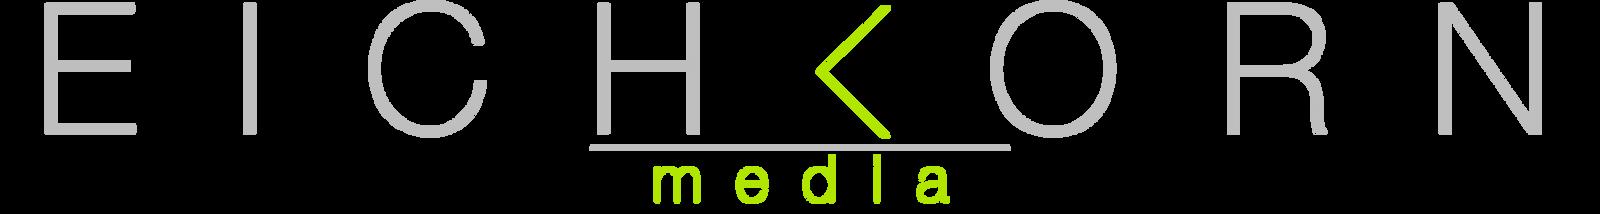 WortmarkeAllVersions media 75